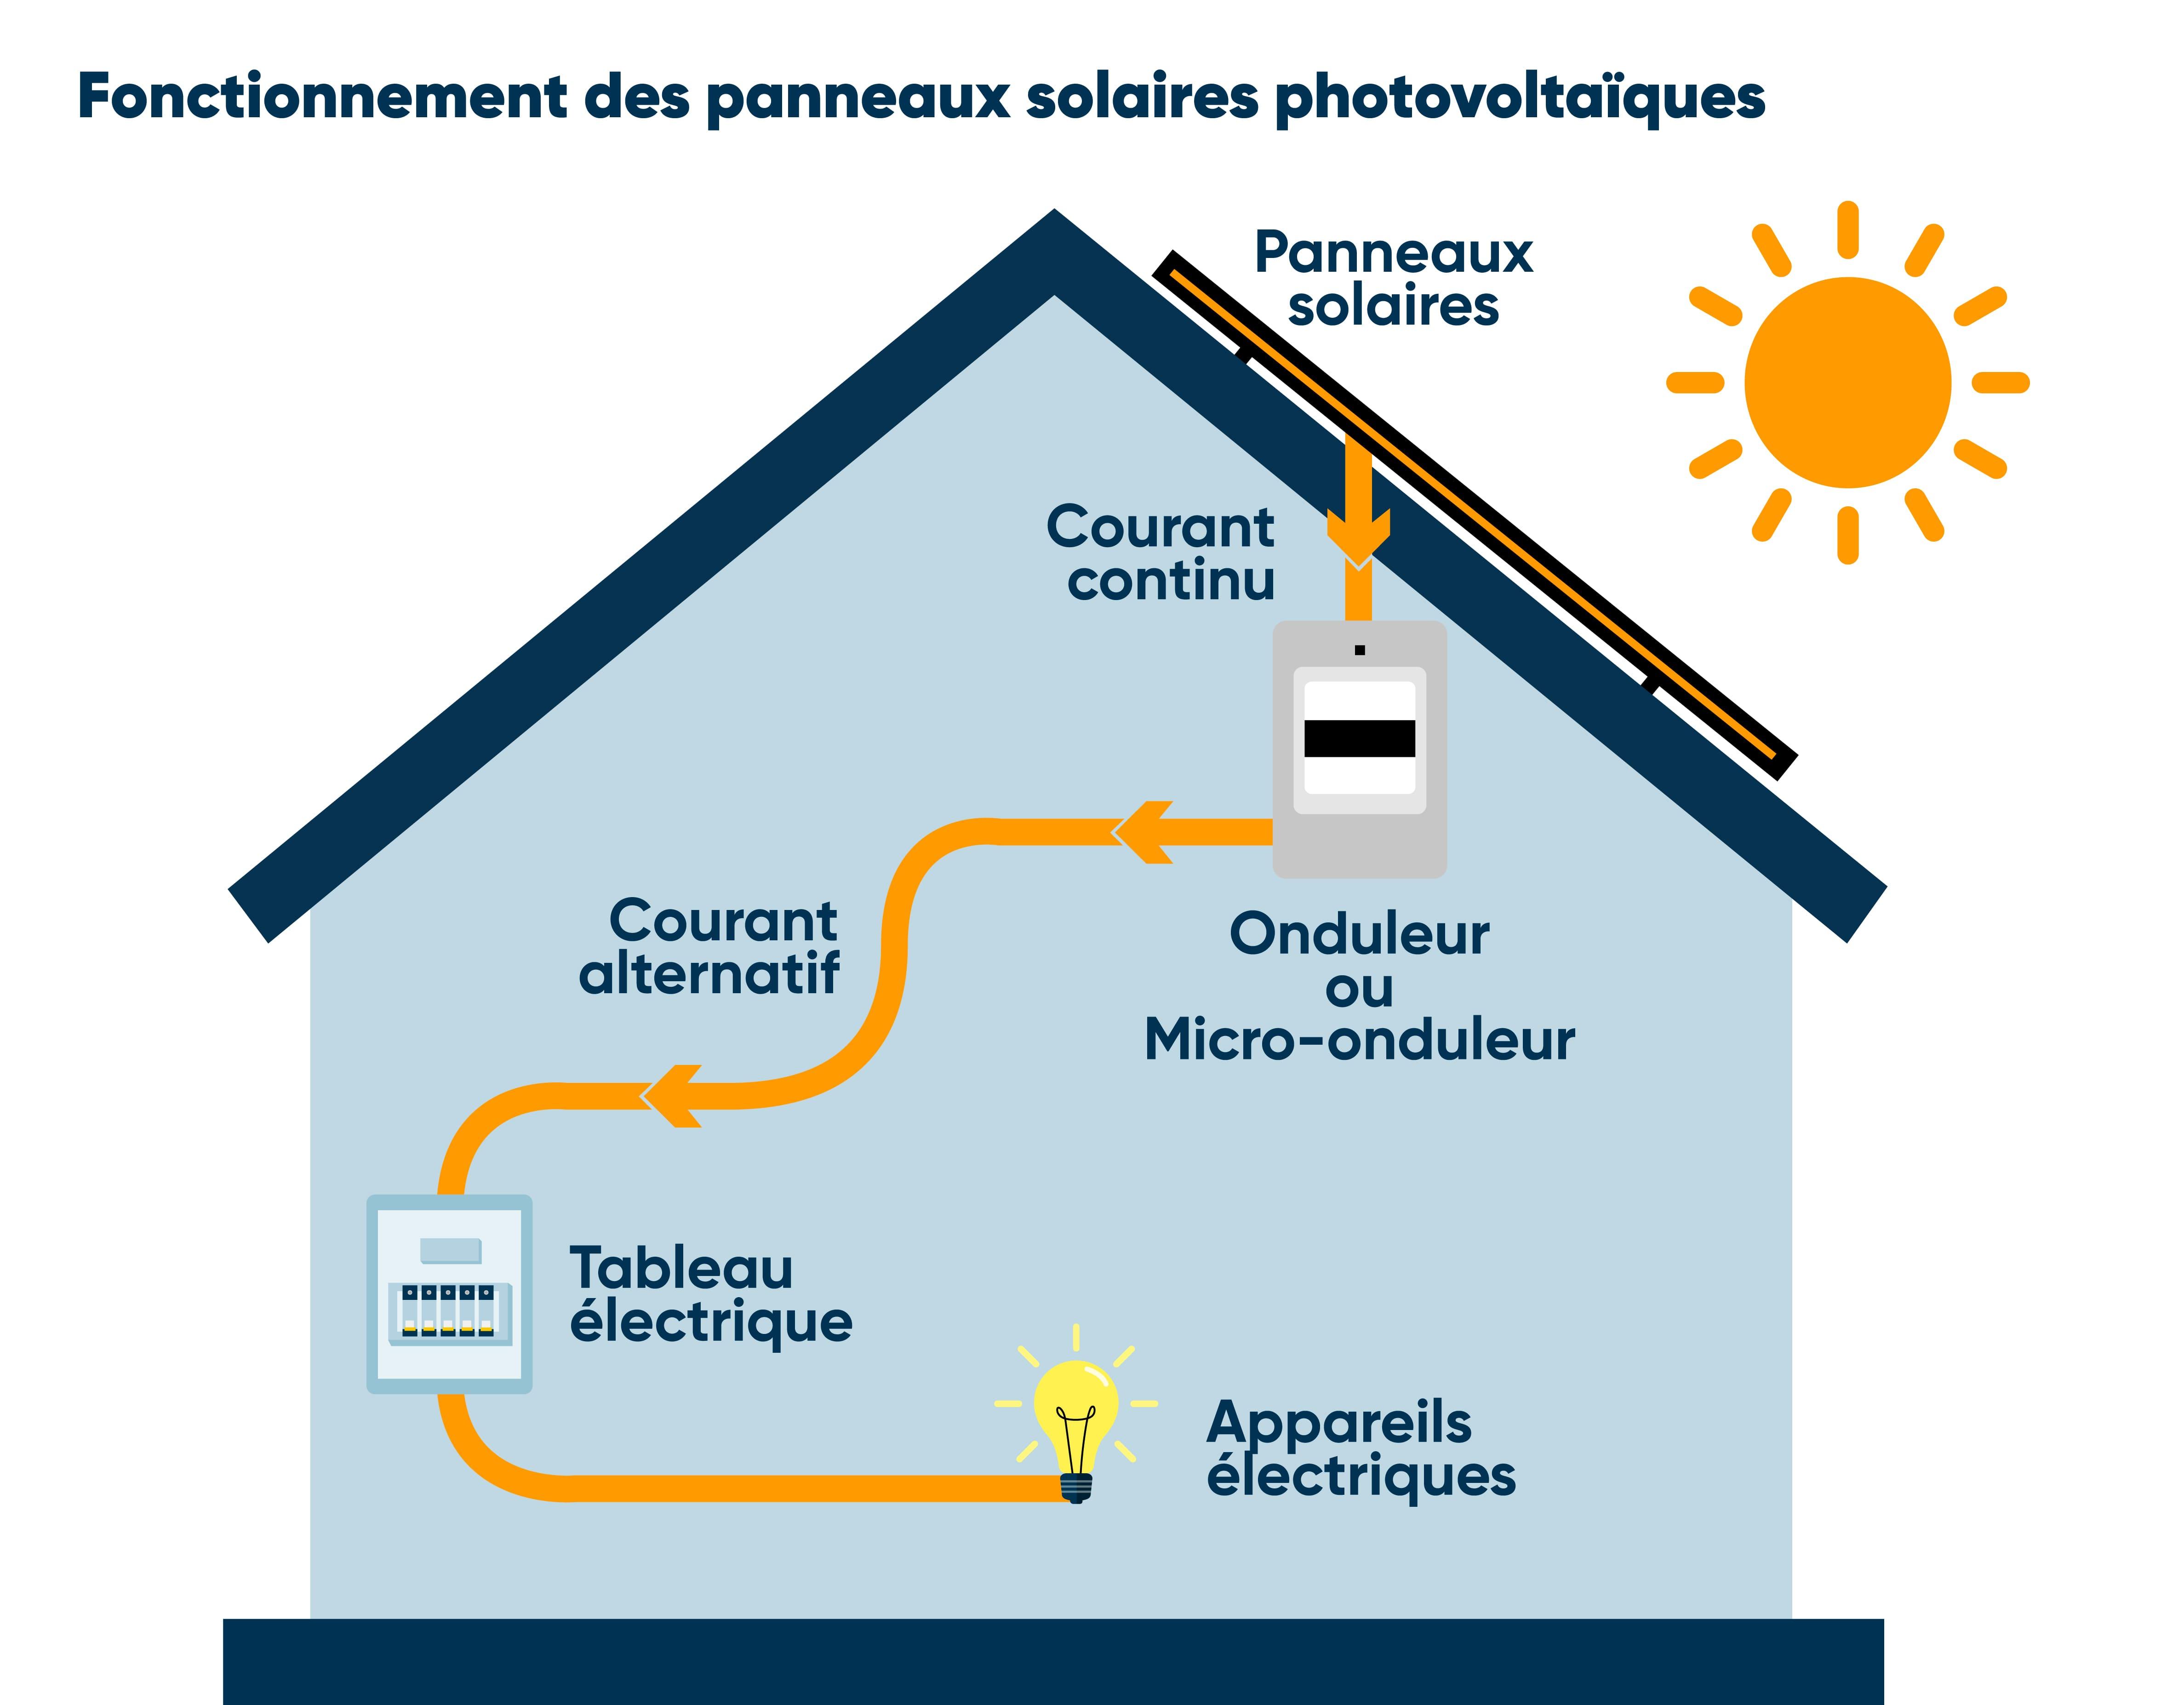 Fonctionnement panneaux solaires